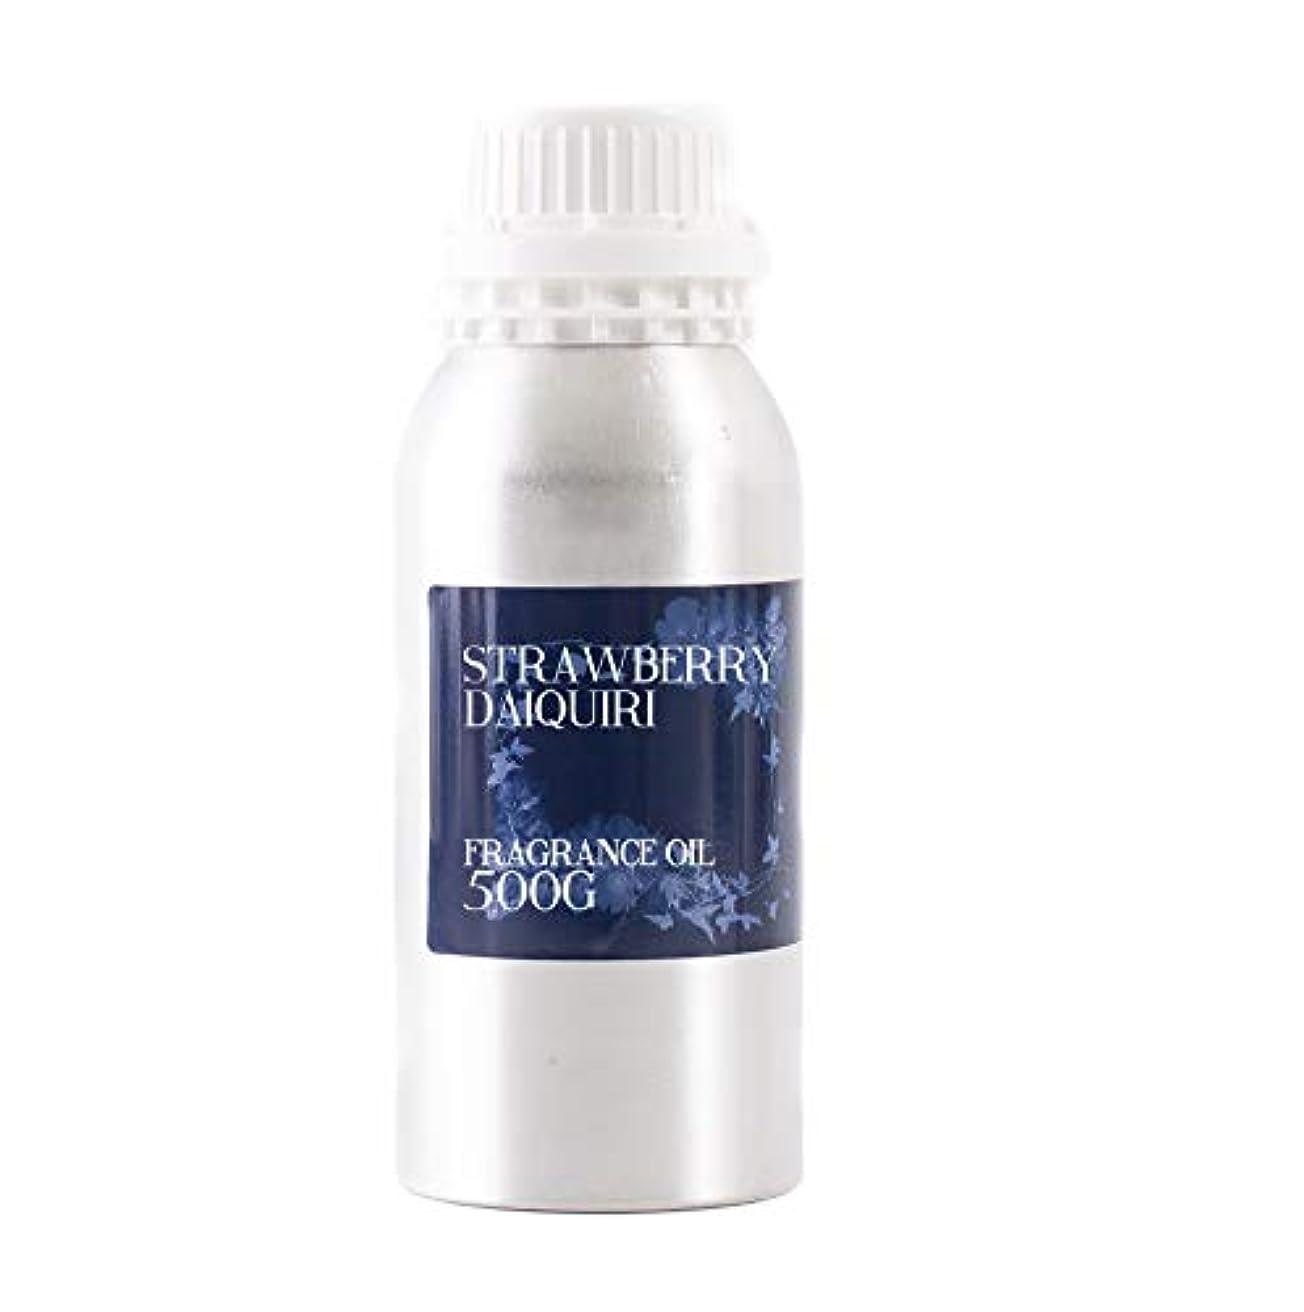 ベイビードットブラウスMystic Moments | Strawberry Daiquiri Fragrance Oil - 500g